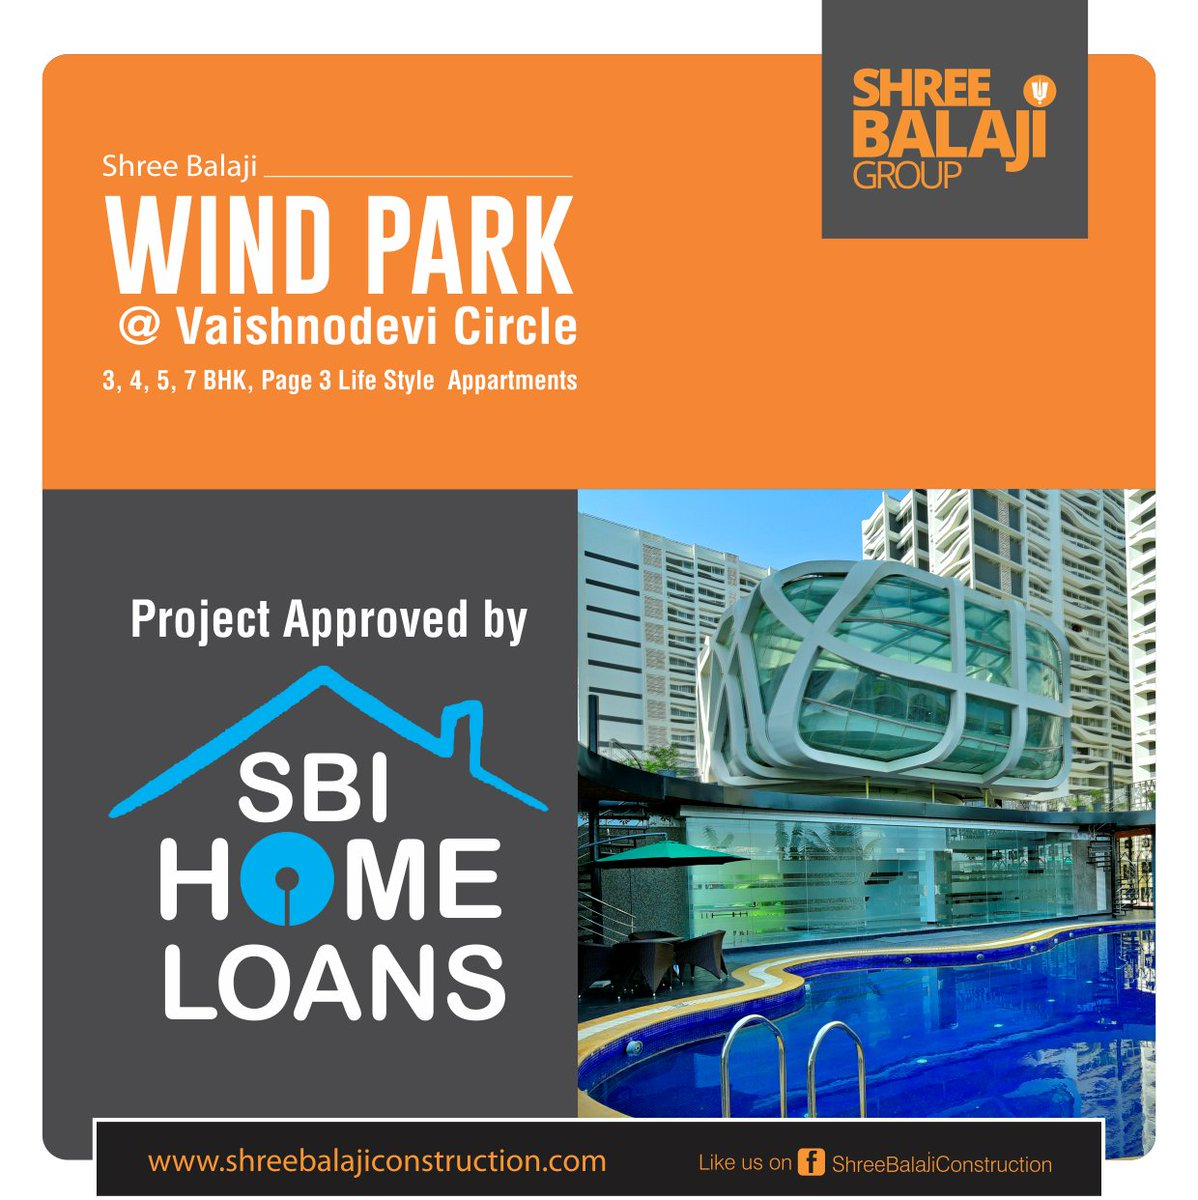 Sbi home loan project